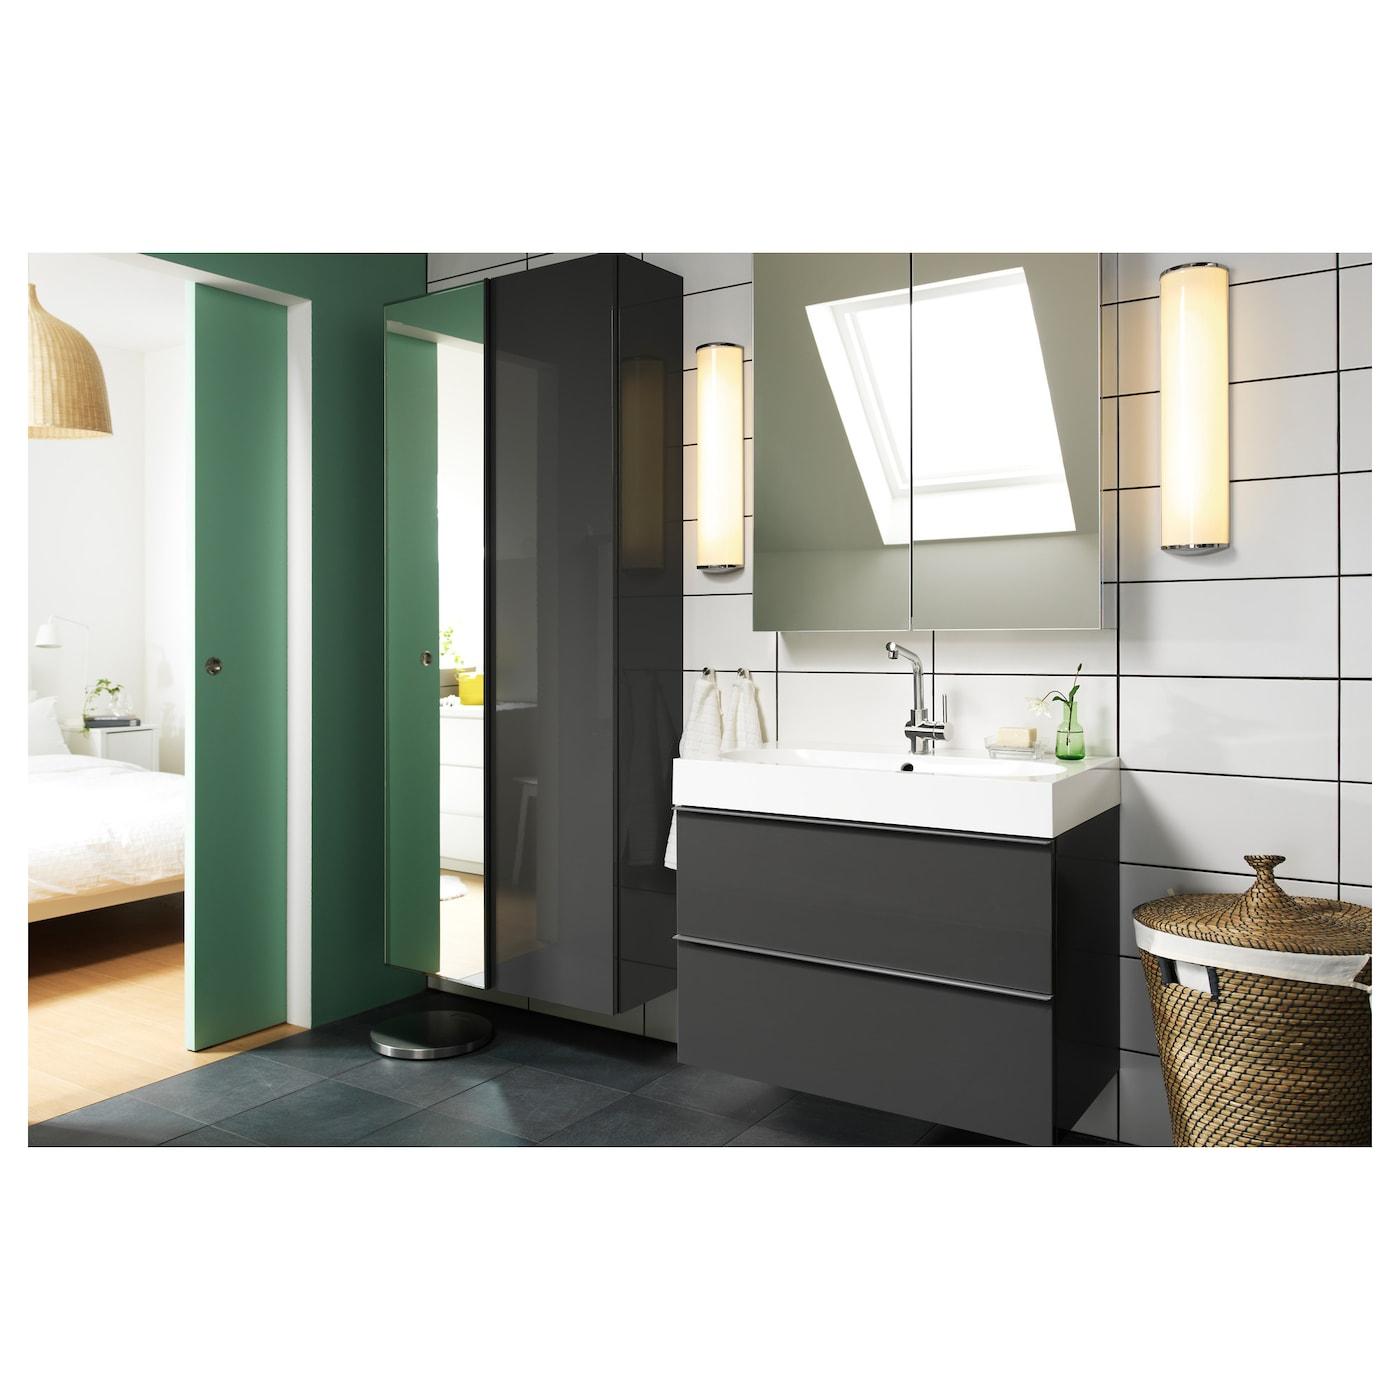 Br viken godmorgon armario lavabo 2 cajones alto brillo gris 80 x 48 x 68 cm ikea - Armario lavabo ikea ...